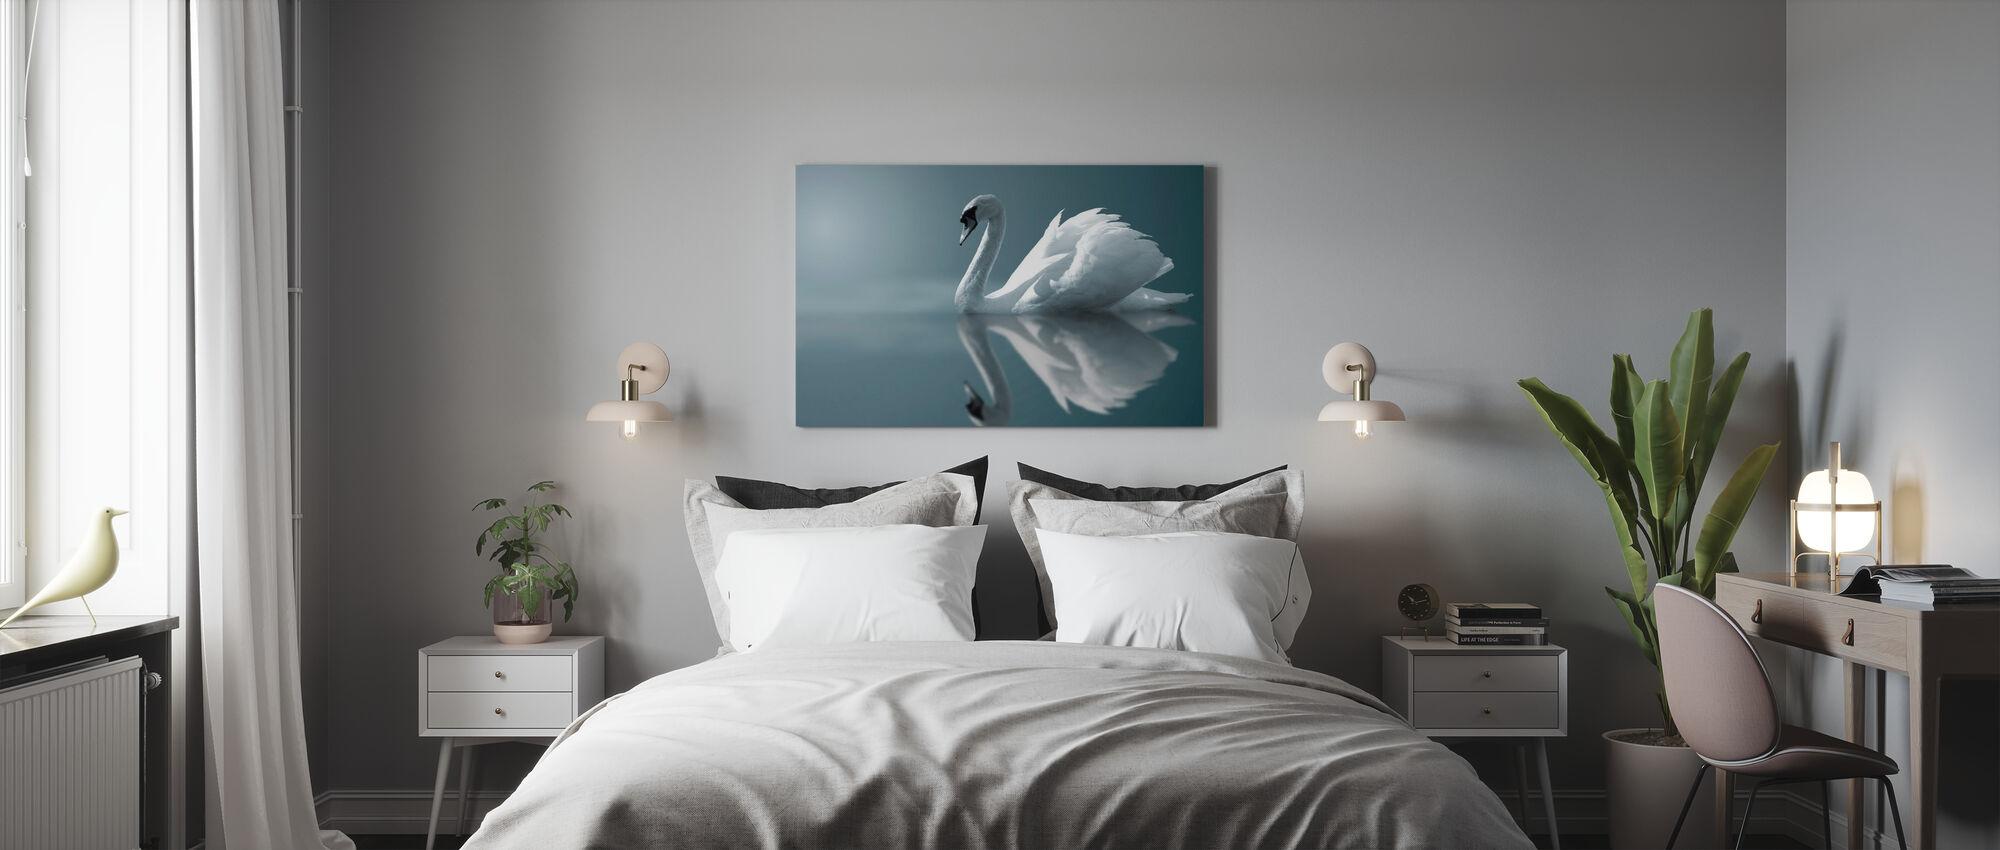 Schwan Reflexion - Leinwandbild - Schlafzimmer